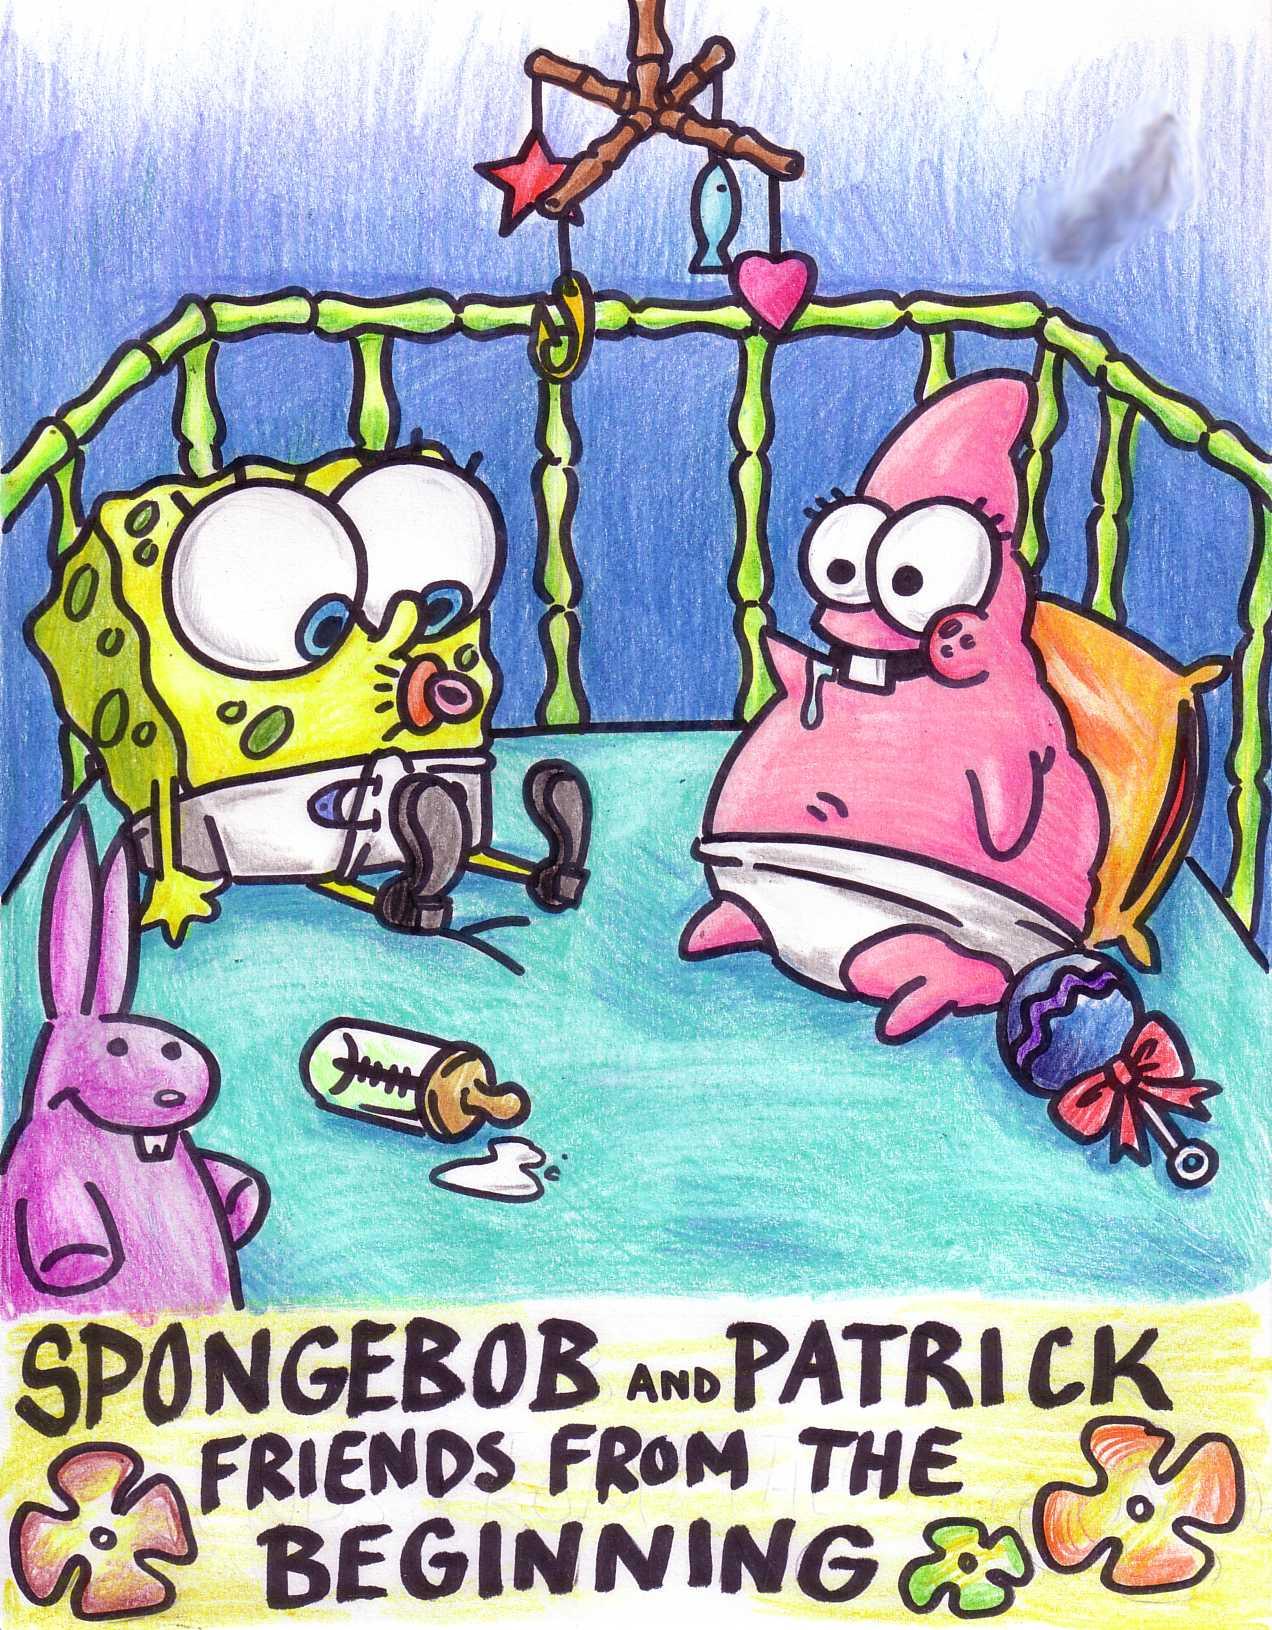 49 Spongebob And Patrick Wallpaper On Wallpapersafari